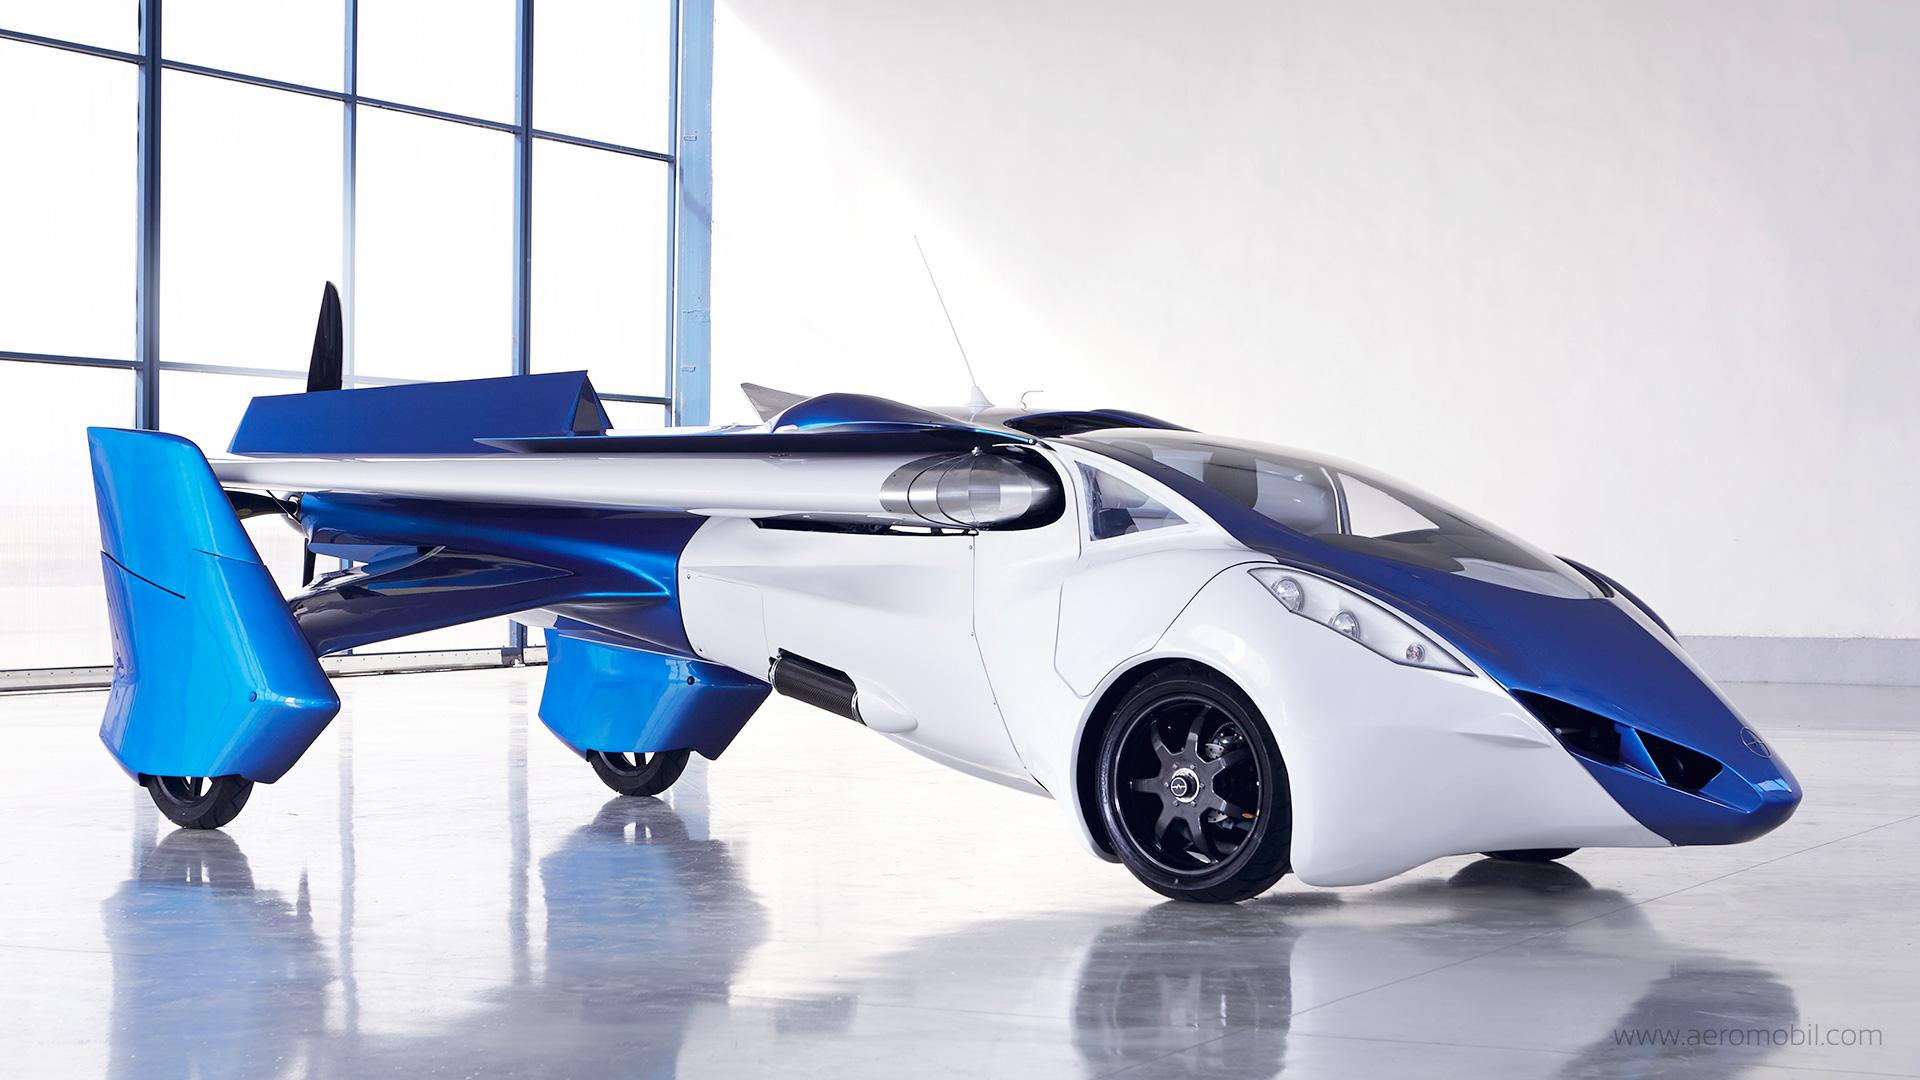 В 2017 году в небе появятся летающие авто